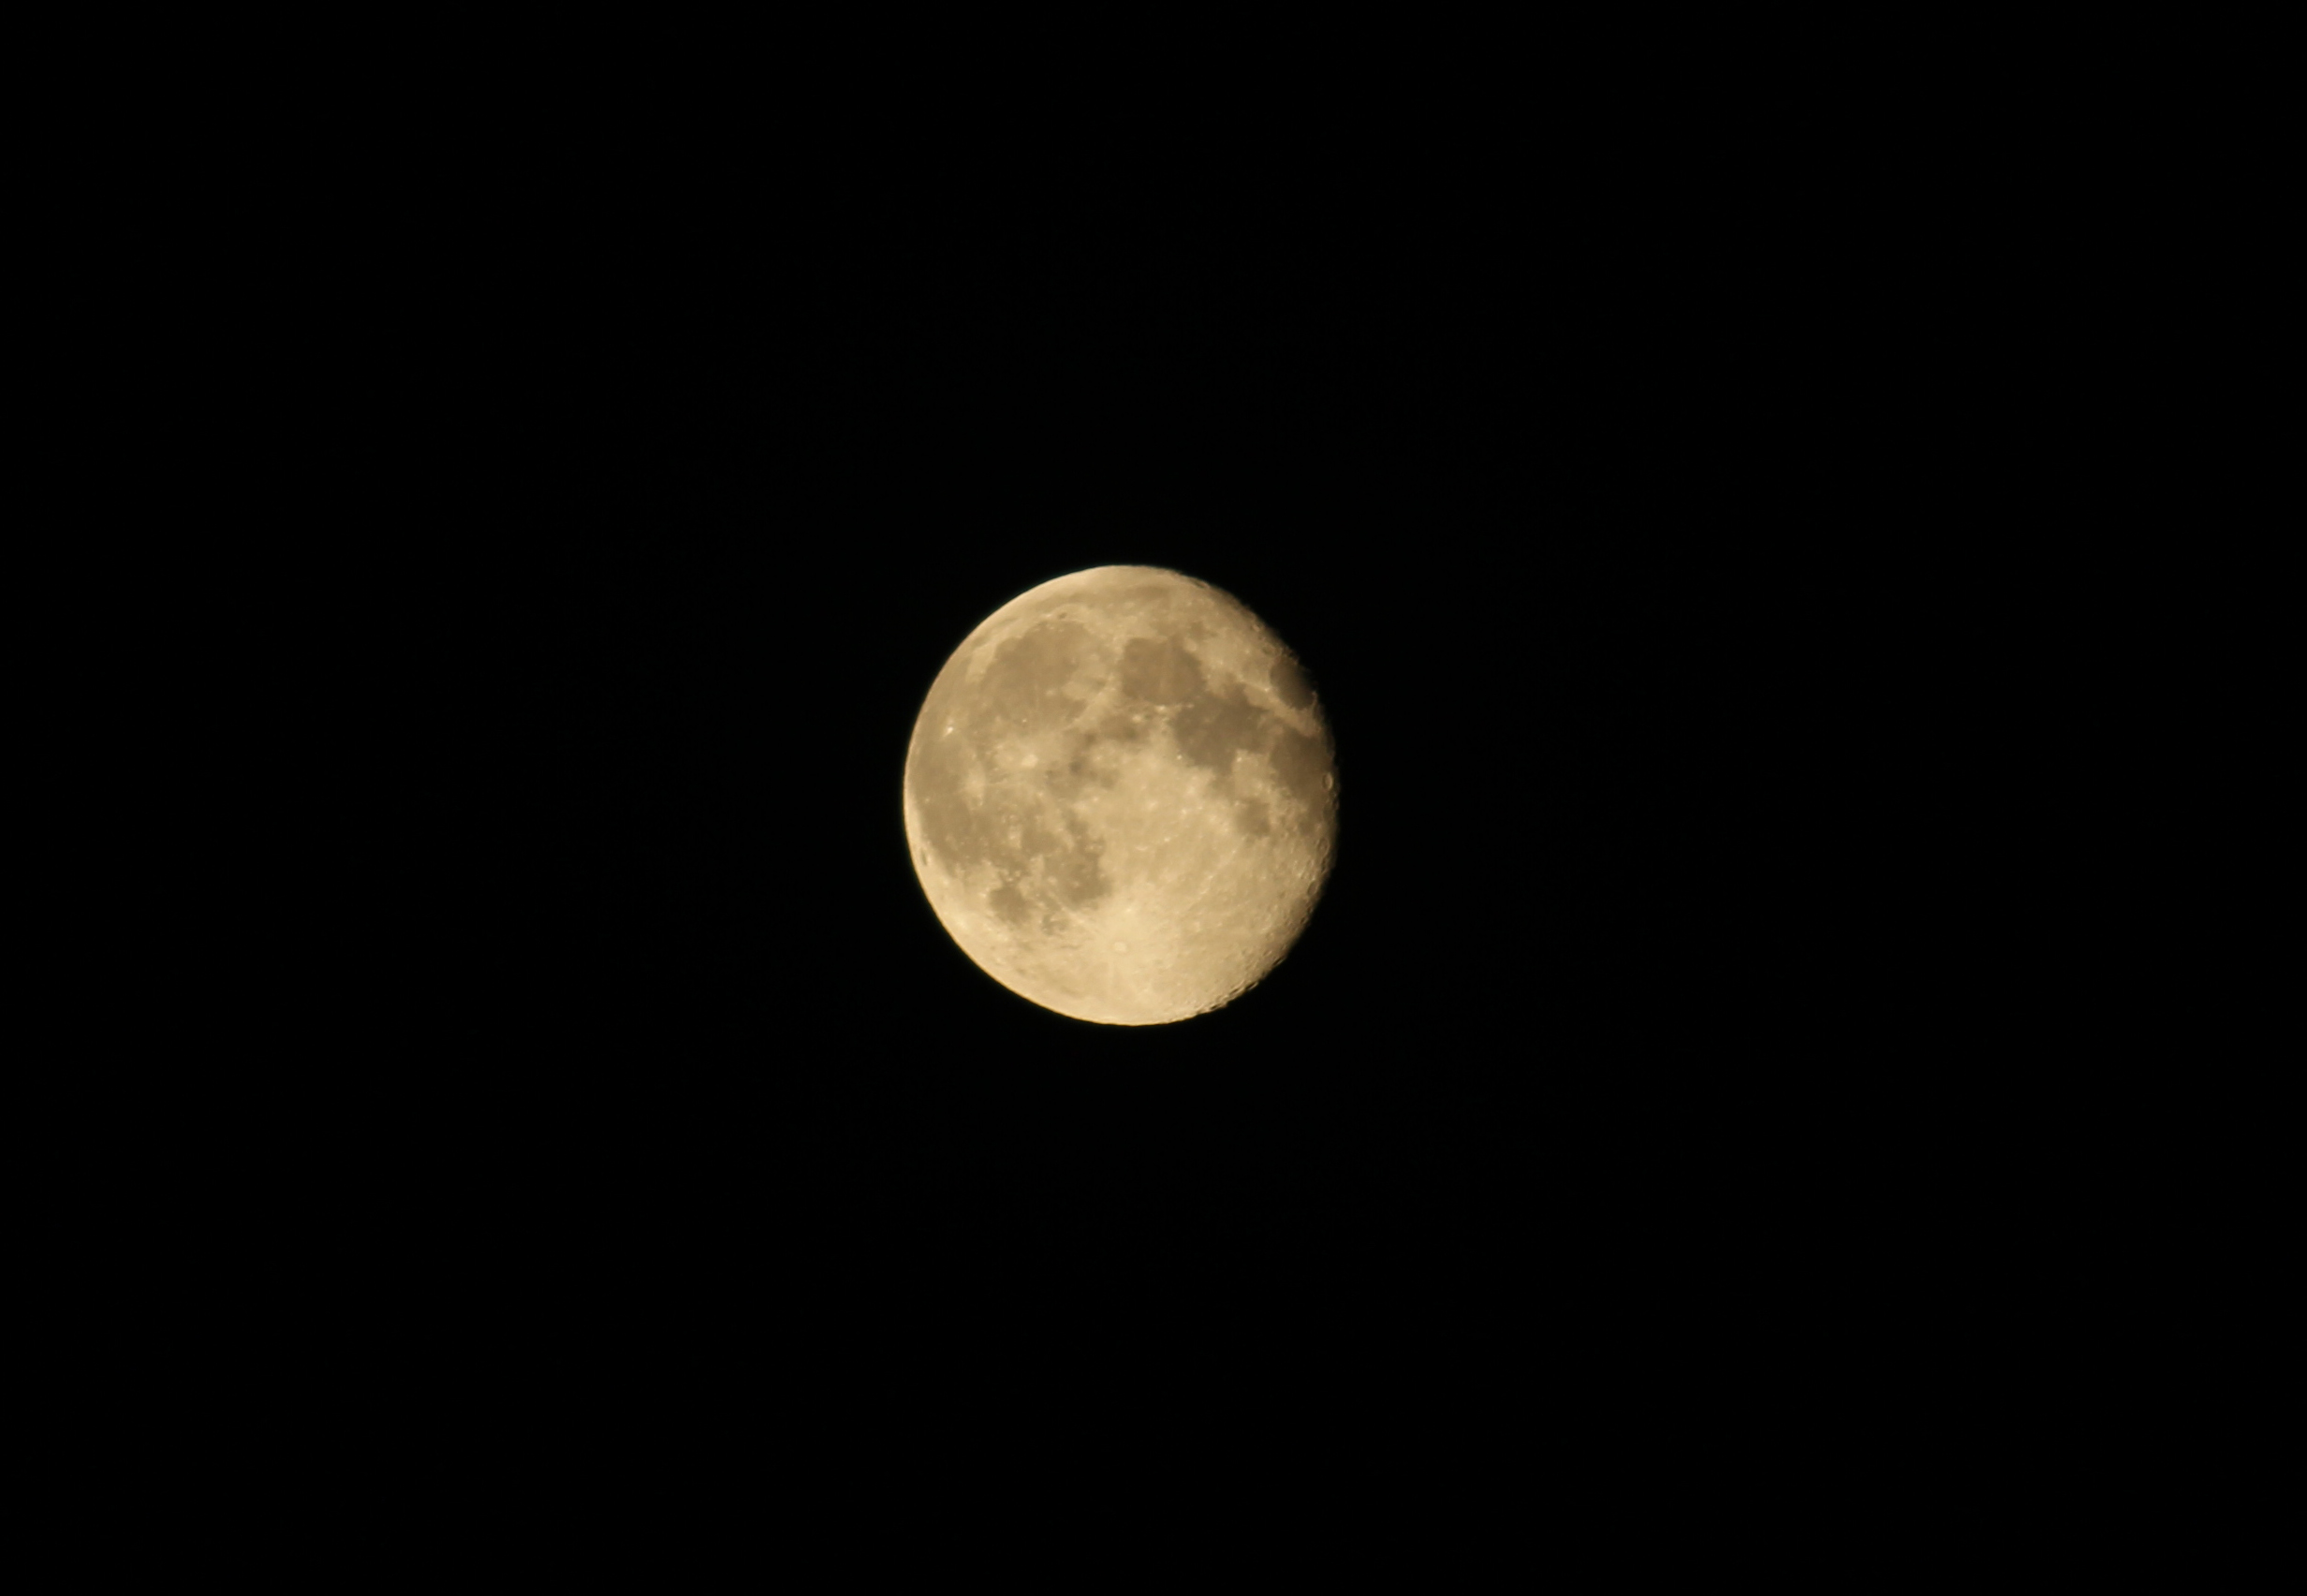 Full Moon, Black, Cheese, Dark, Lunar, HQ Photo